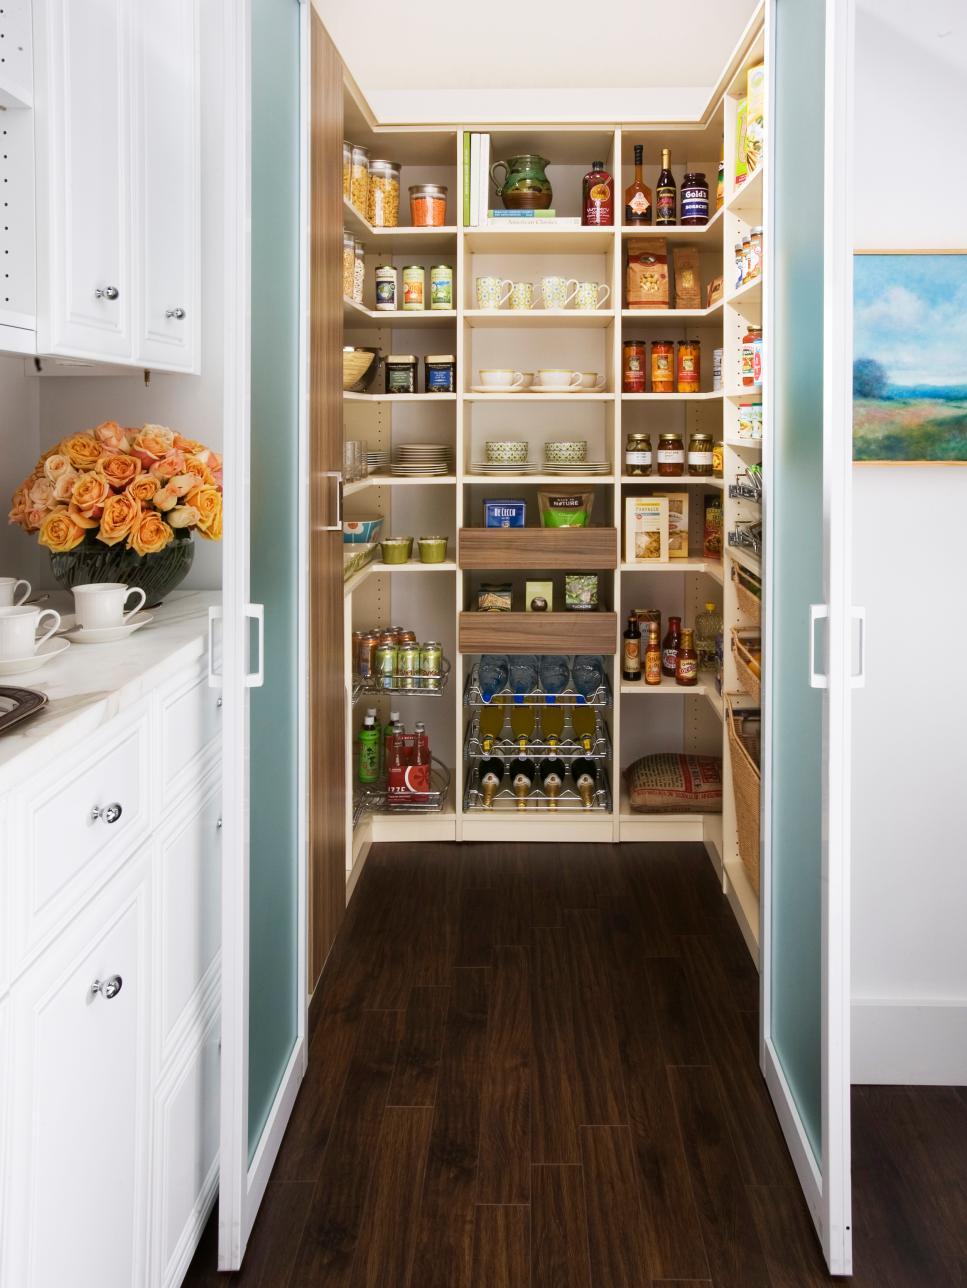 kitchen storage ideas | hgtv FFWQXBA